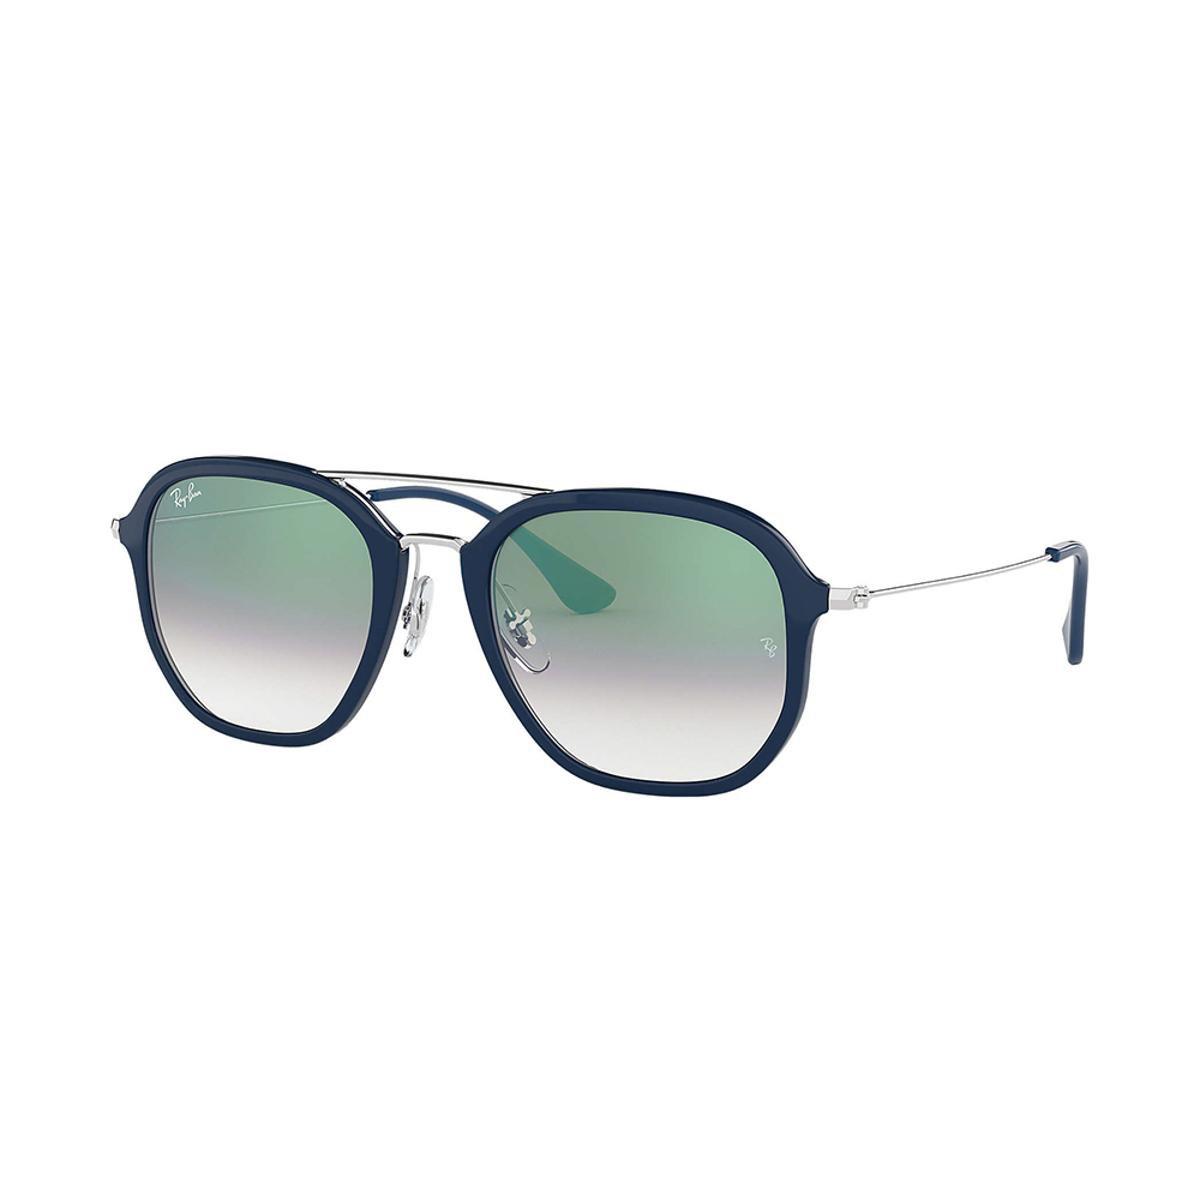 Óculos de Sol Ray-Ban RB4273 Feminino - Azul - Compre Agora   Netshoes a91b299e78